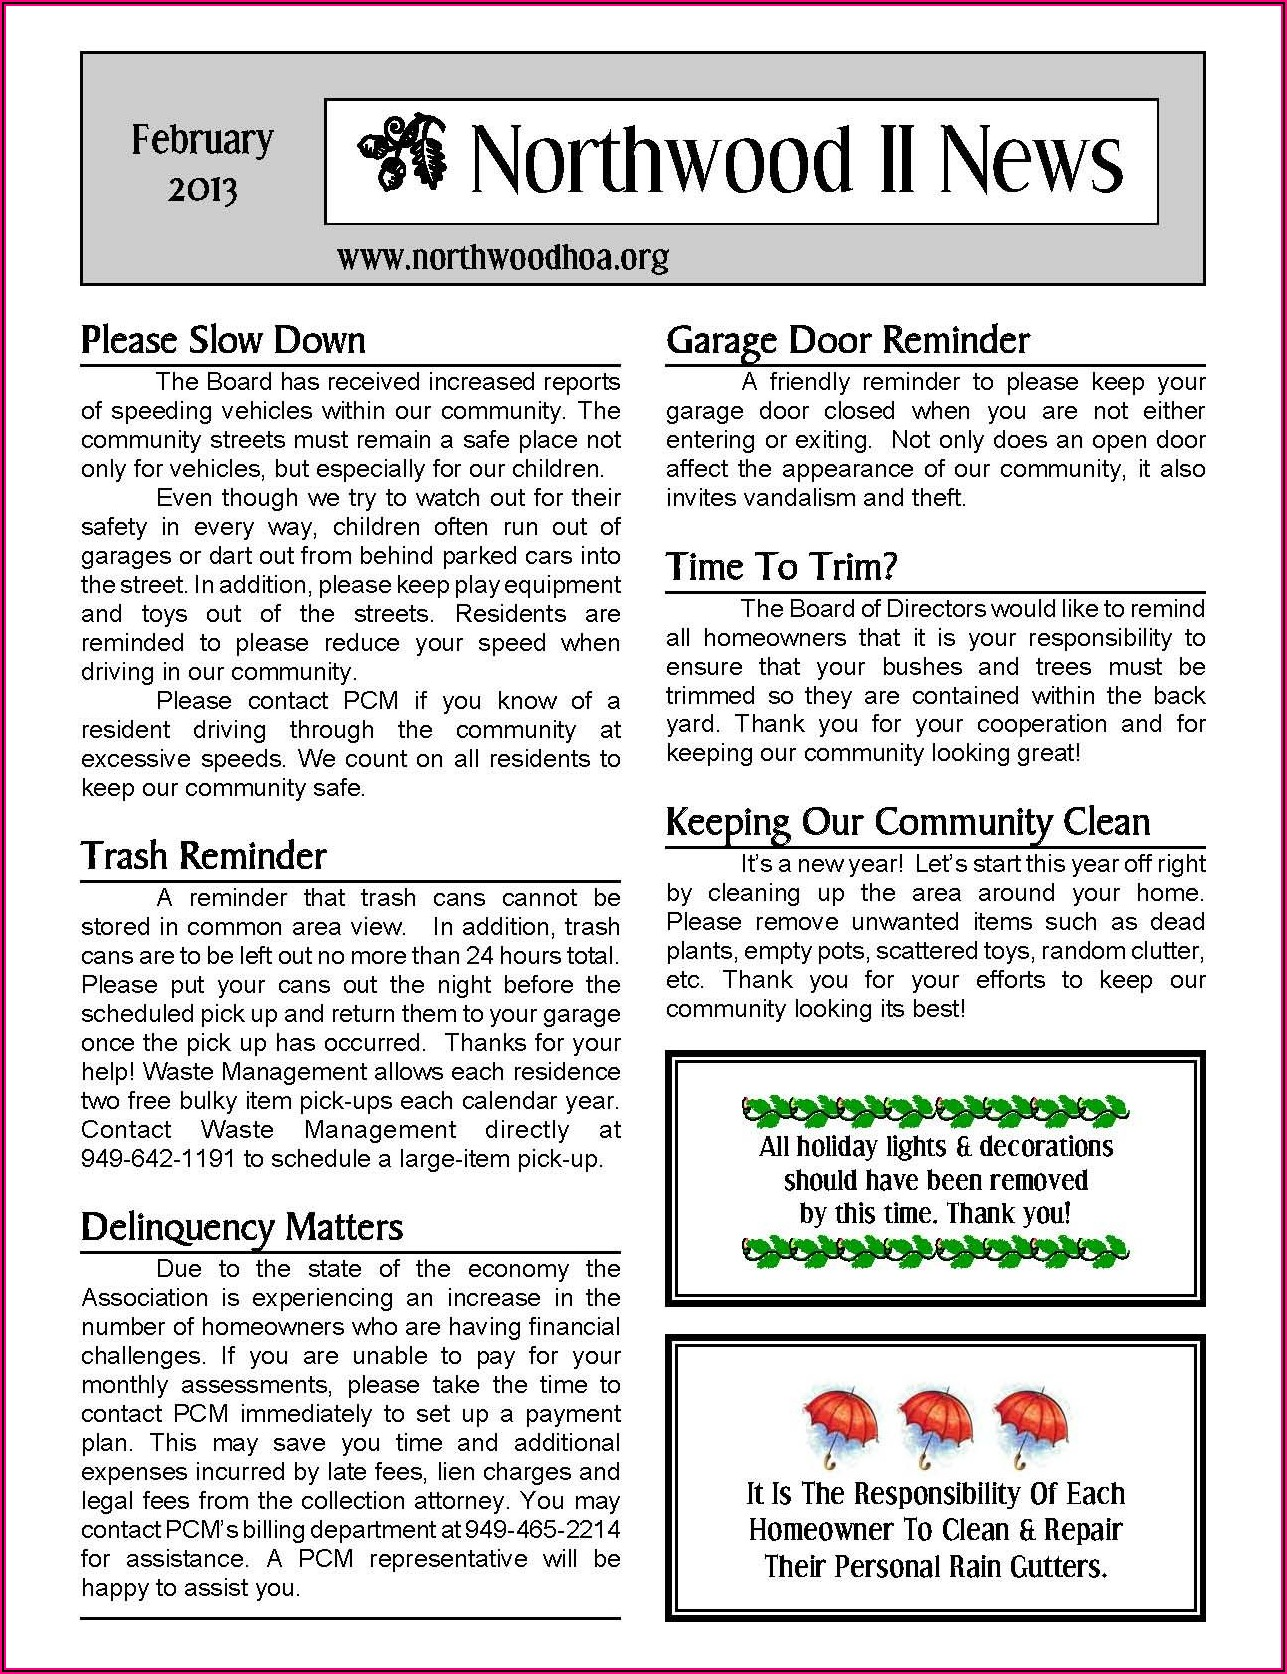 Hoa Community Newsletter Samples